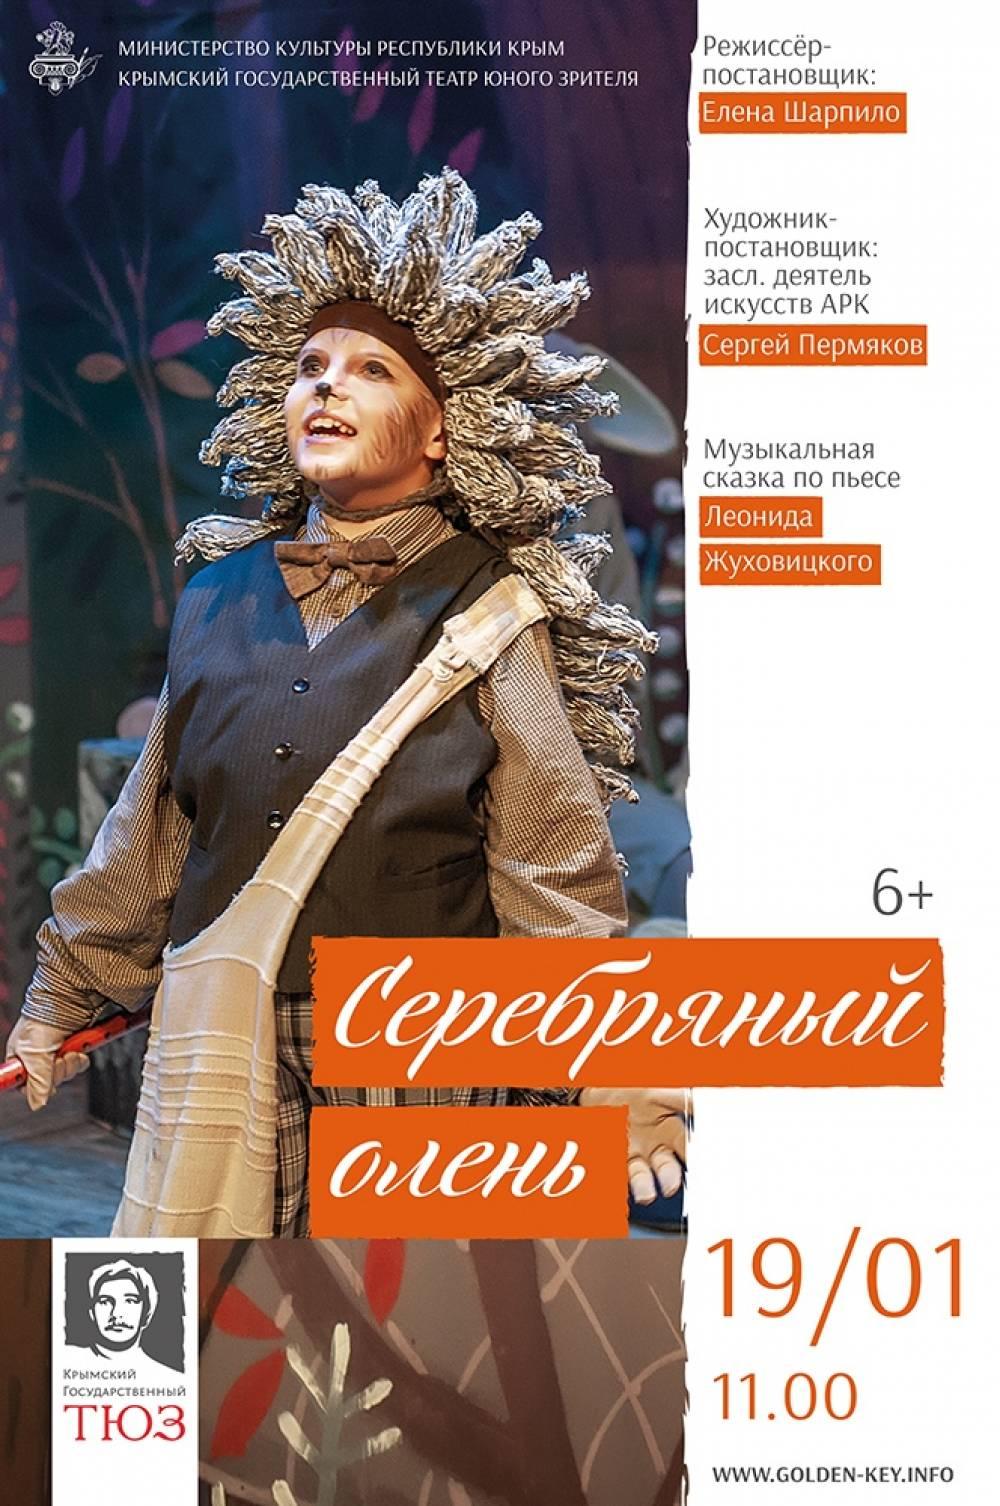 Спектакли Крымского Государственного театра юного зрителя в январе 2020 года, афиши ТЮЗа